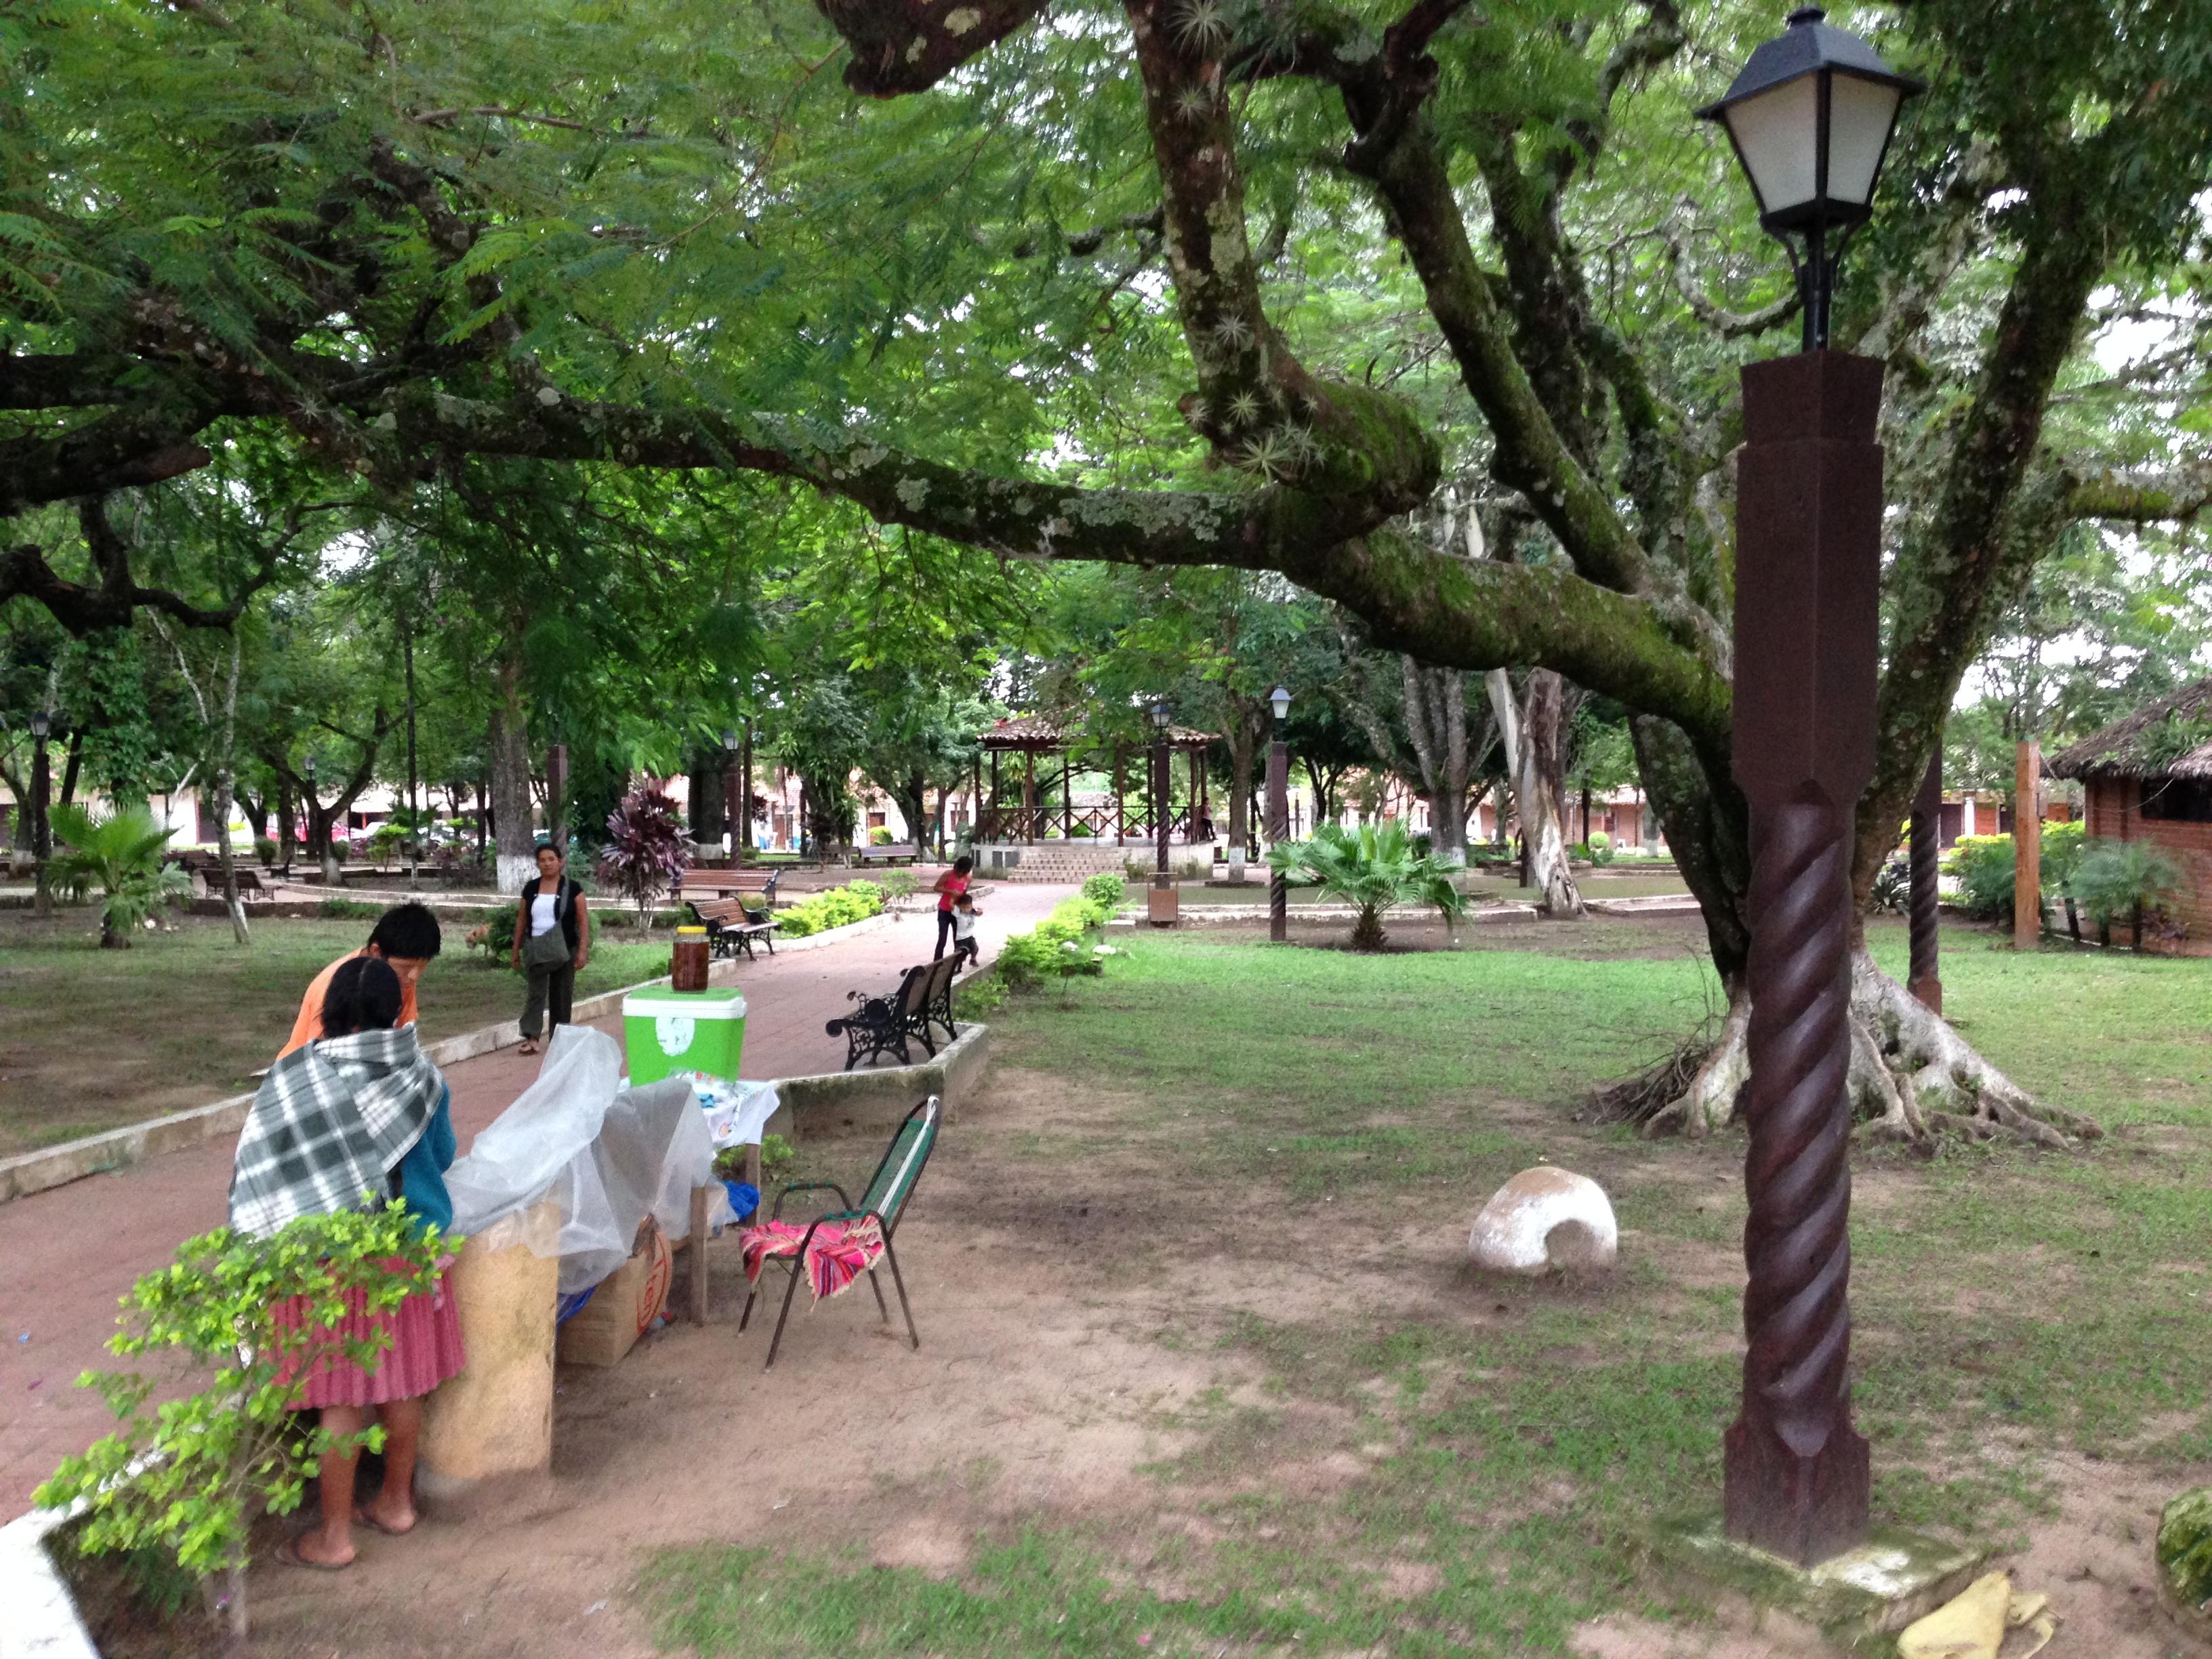 La Plaza principal de Buenavista